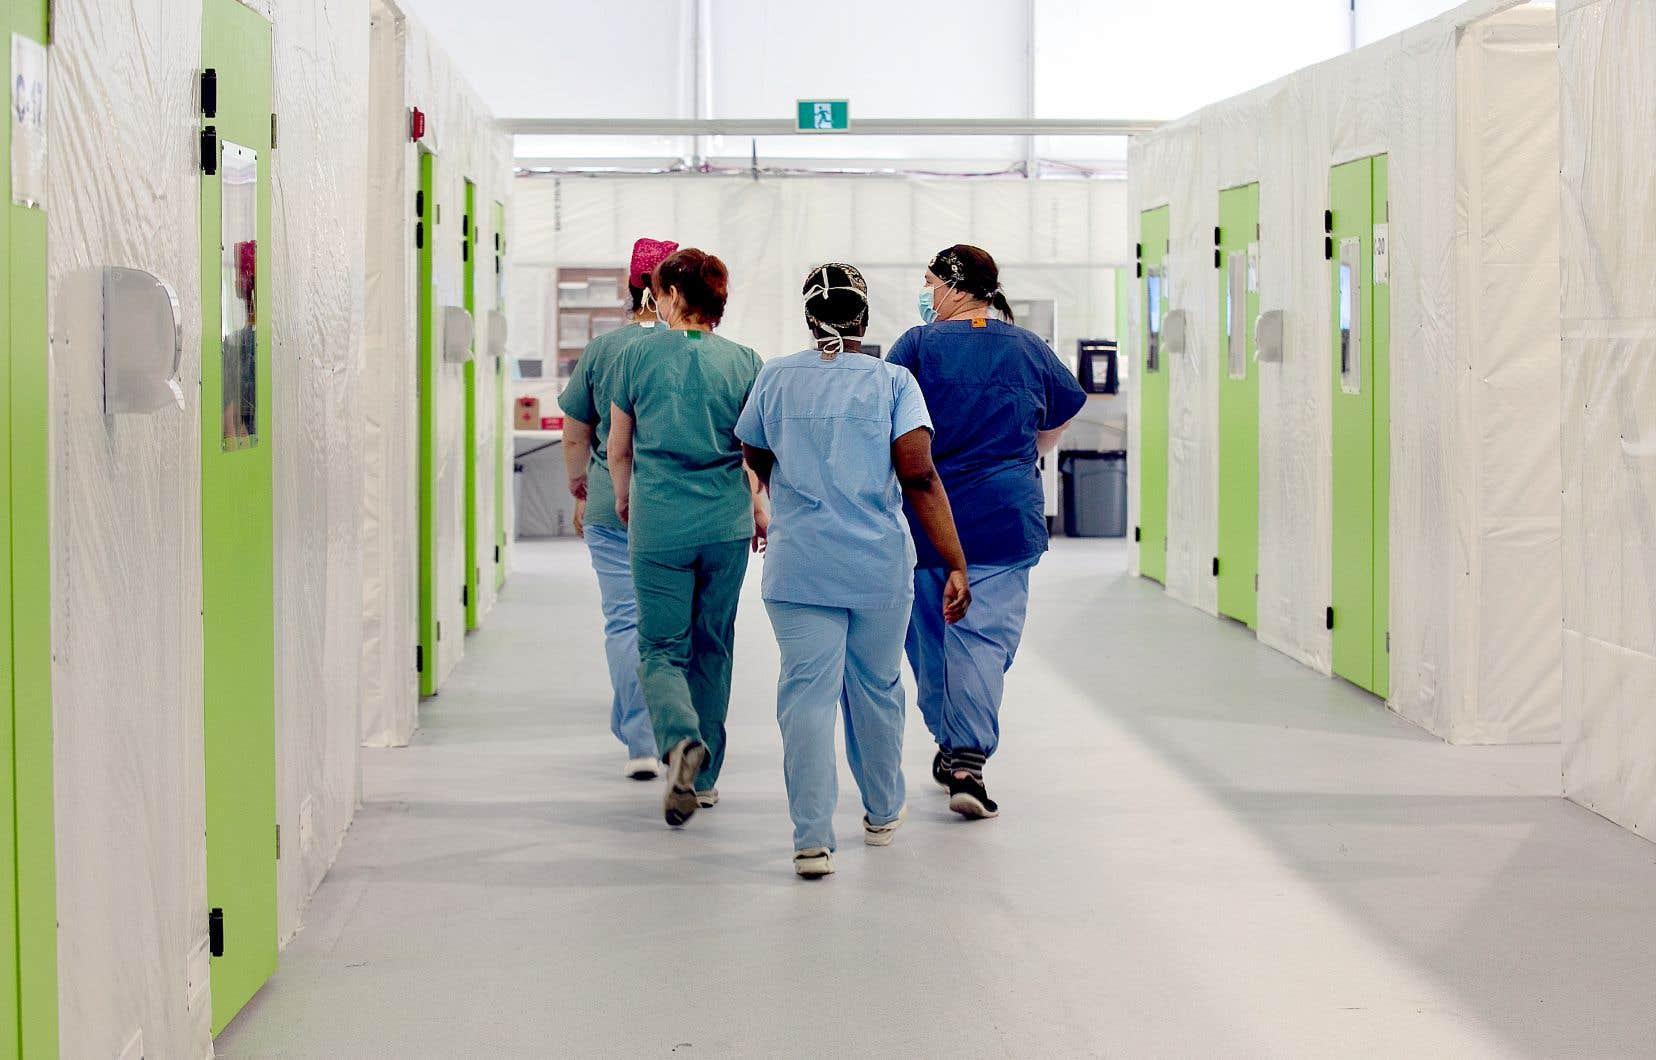 Le nombre de travailleurs de la santé absents peine à redescendre sous la barre des 5000, sous laquelle il se situait pourtant durant tout l'été 2020.